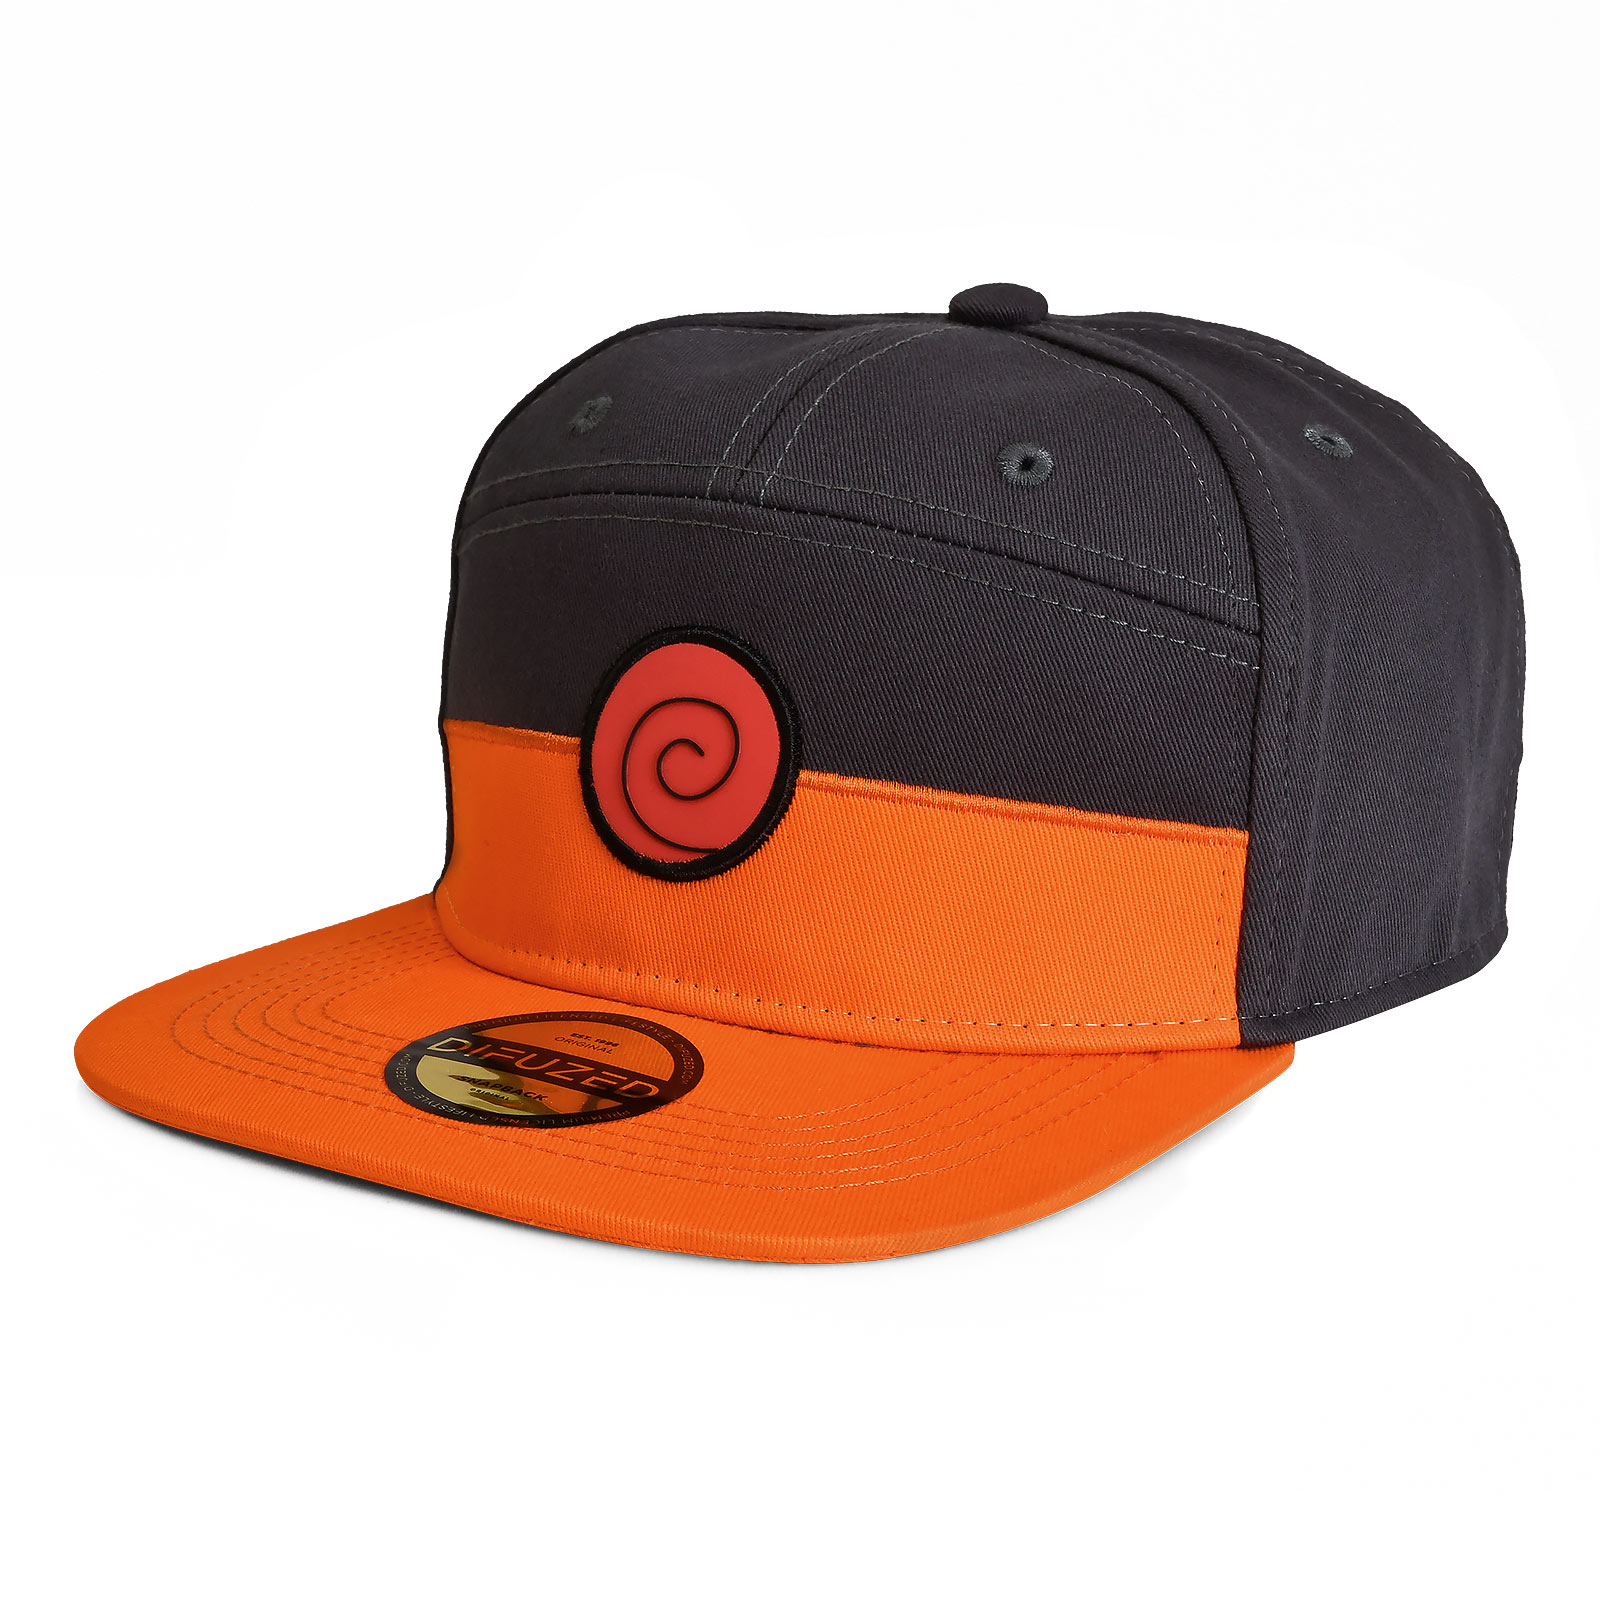 Naruto - Uzumaki Clan Symbol Snapback Cap